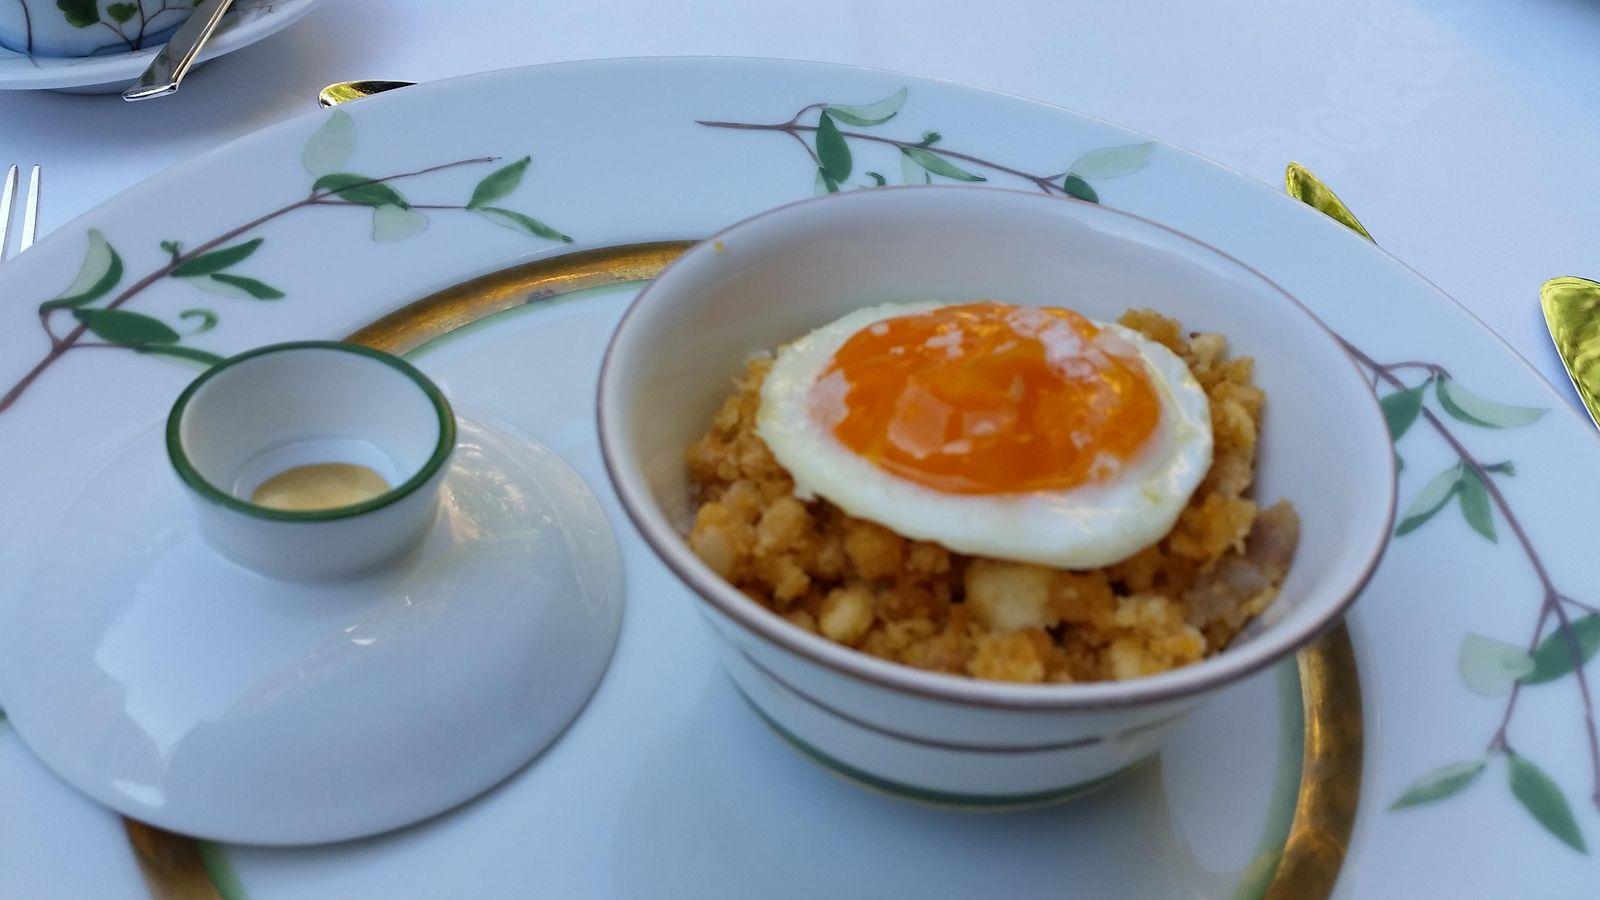 Maridajes con platos t picos de la provincia de badajoz for Cursos de cocina en badajoz